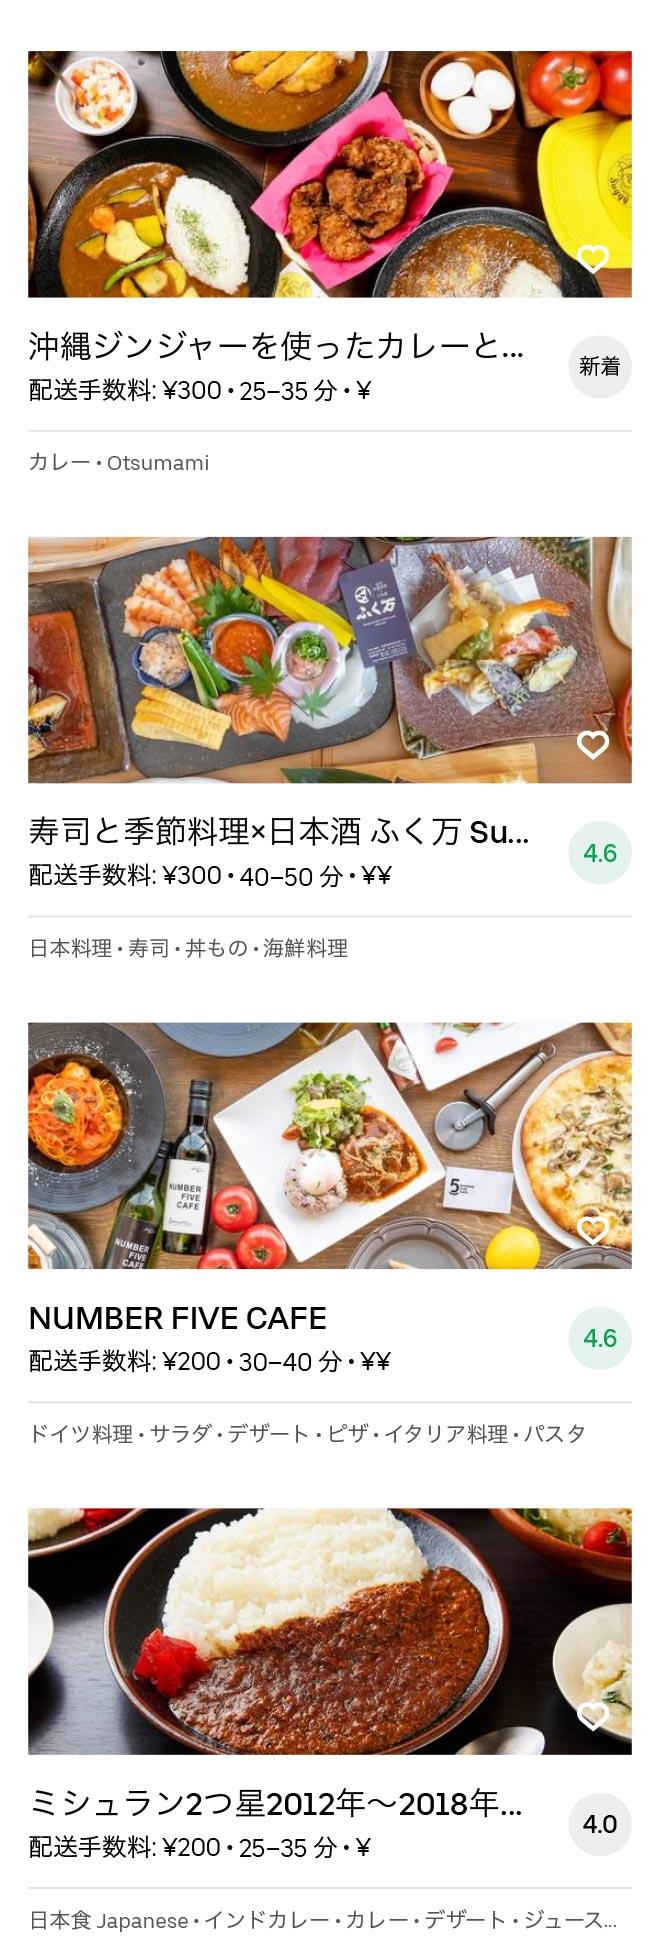 Itami menu 2007 08